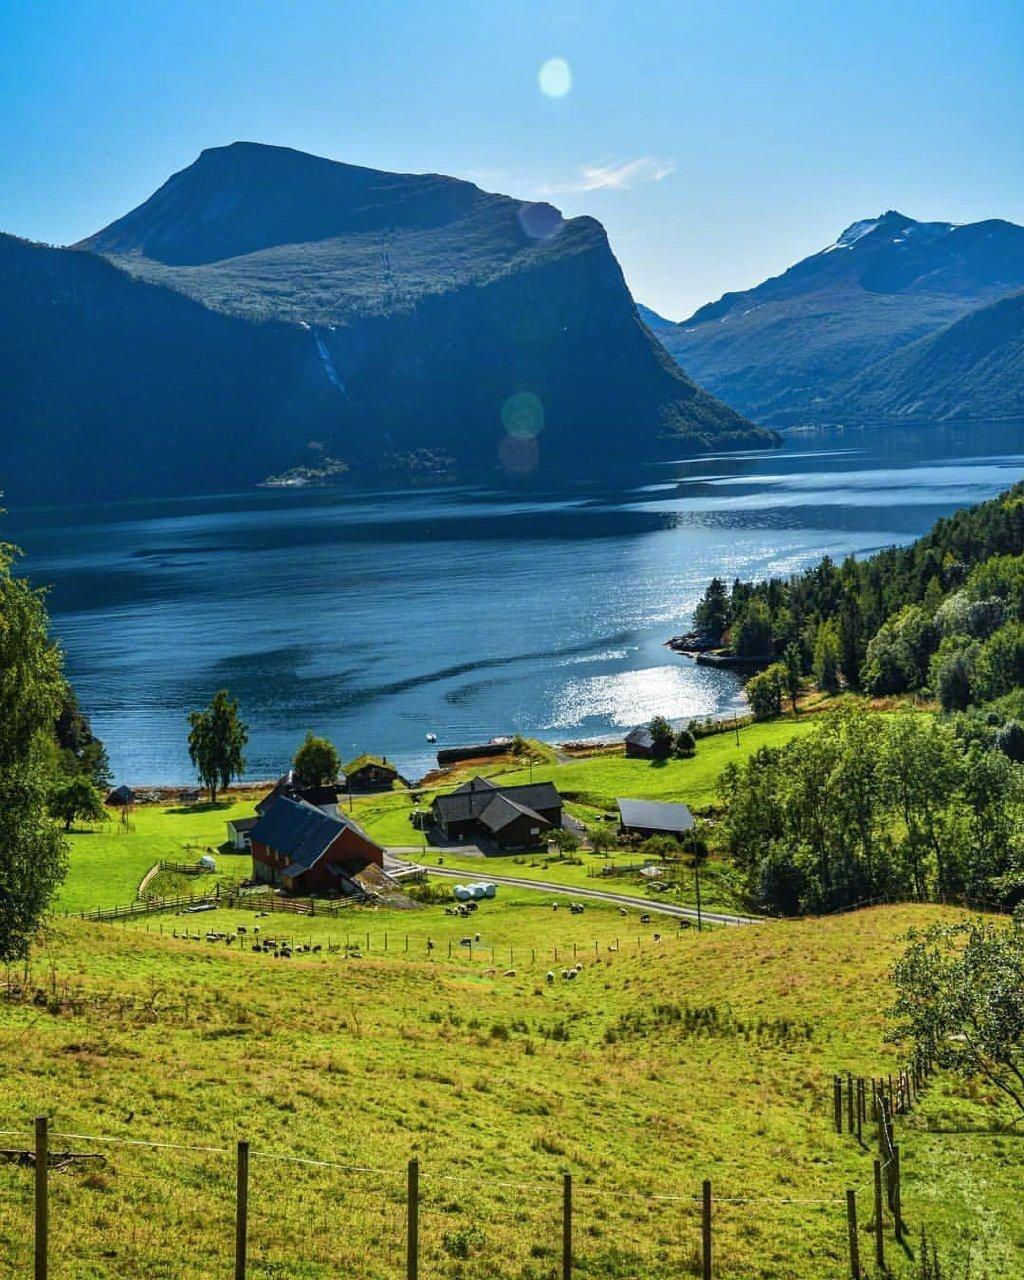 北欧之夏。太美了,令人向往的地方